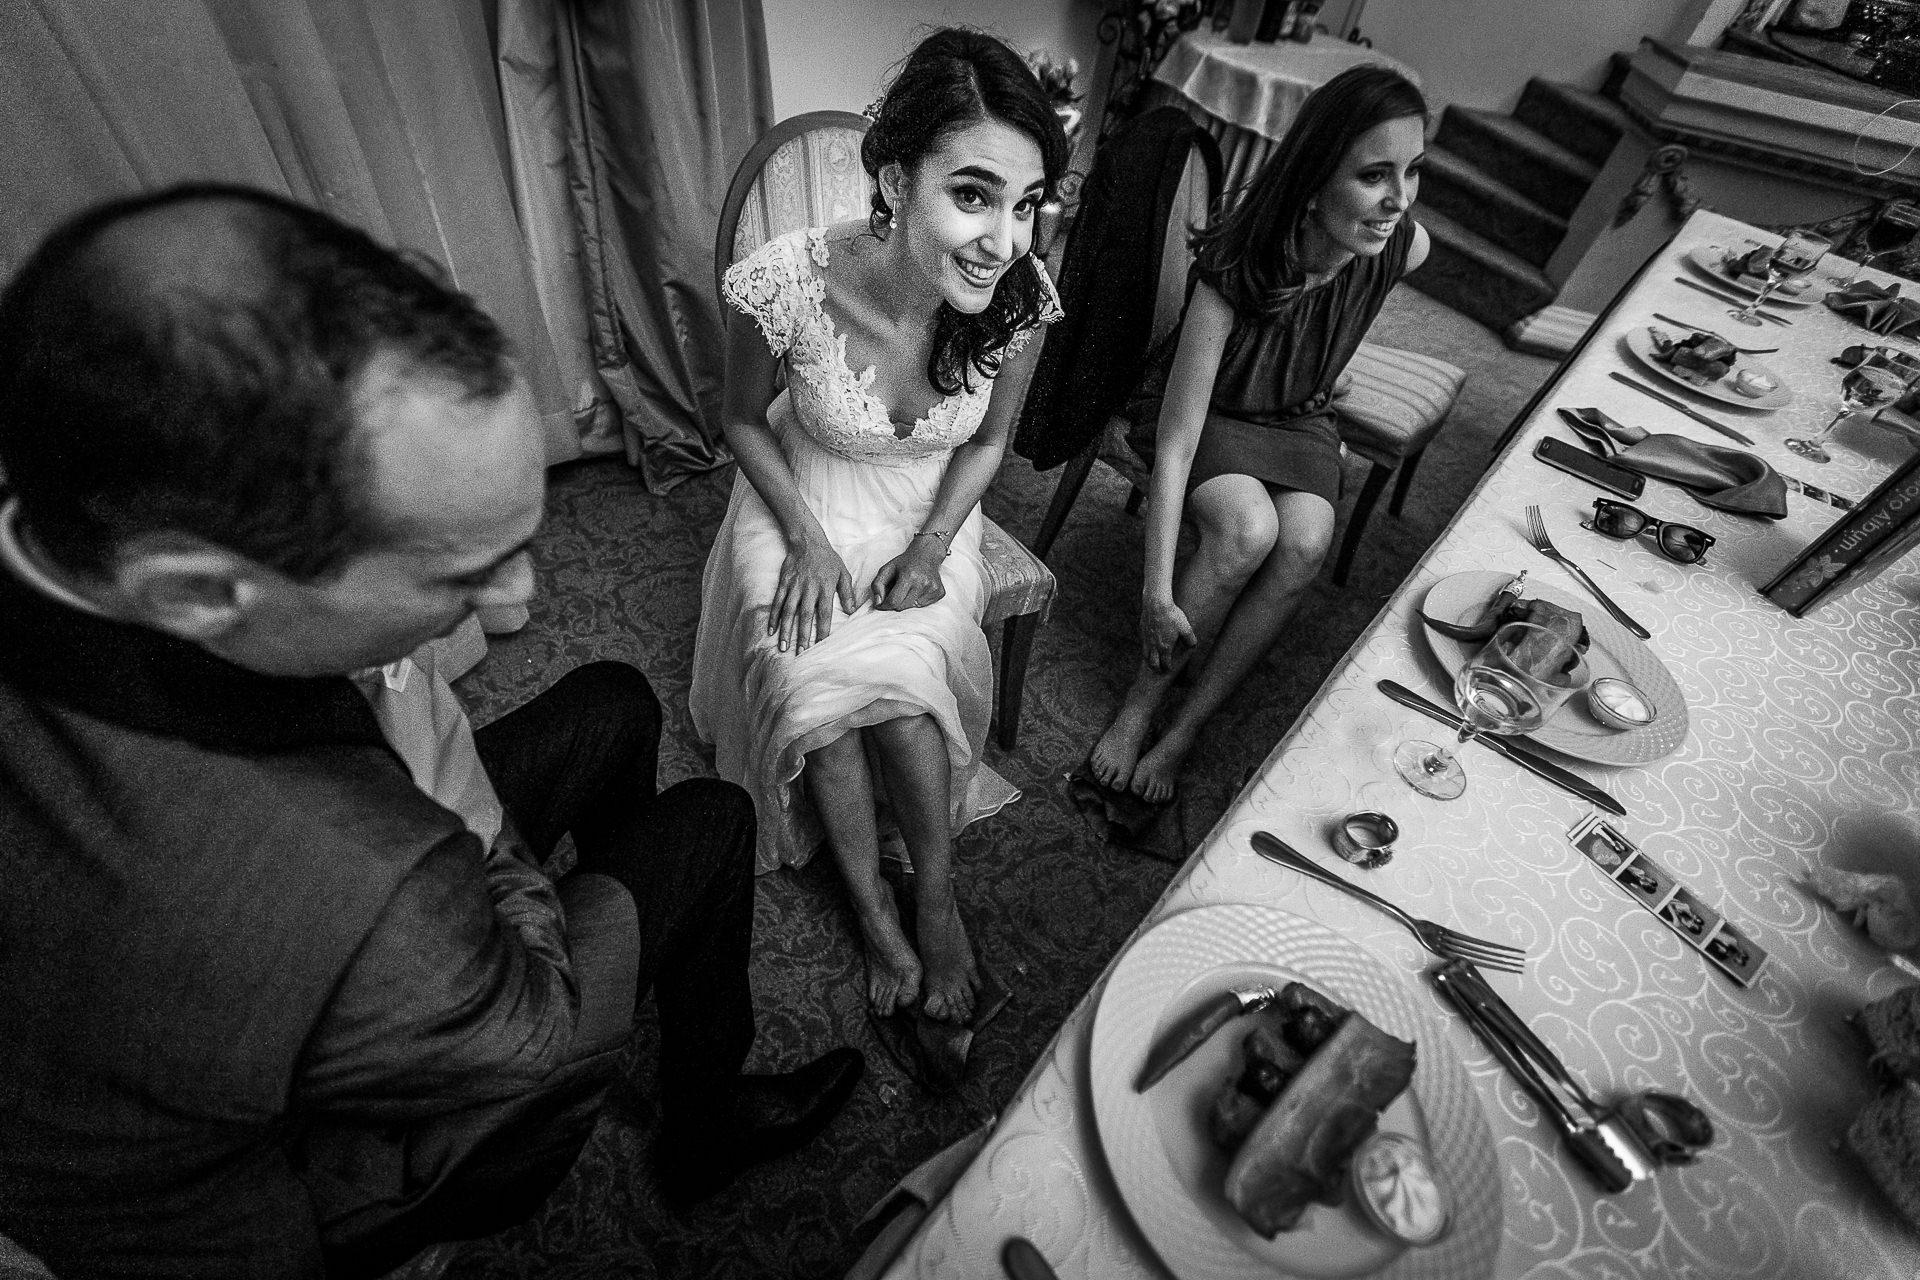 nuntă Salon Elisabeta - Elena şi Costin - Mihai Zaharia Photography - 085